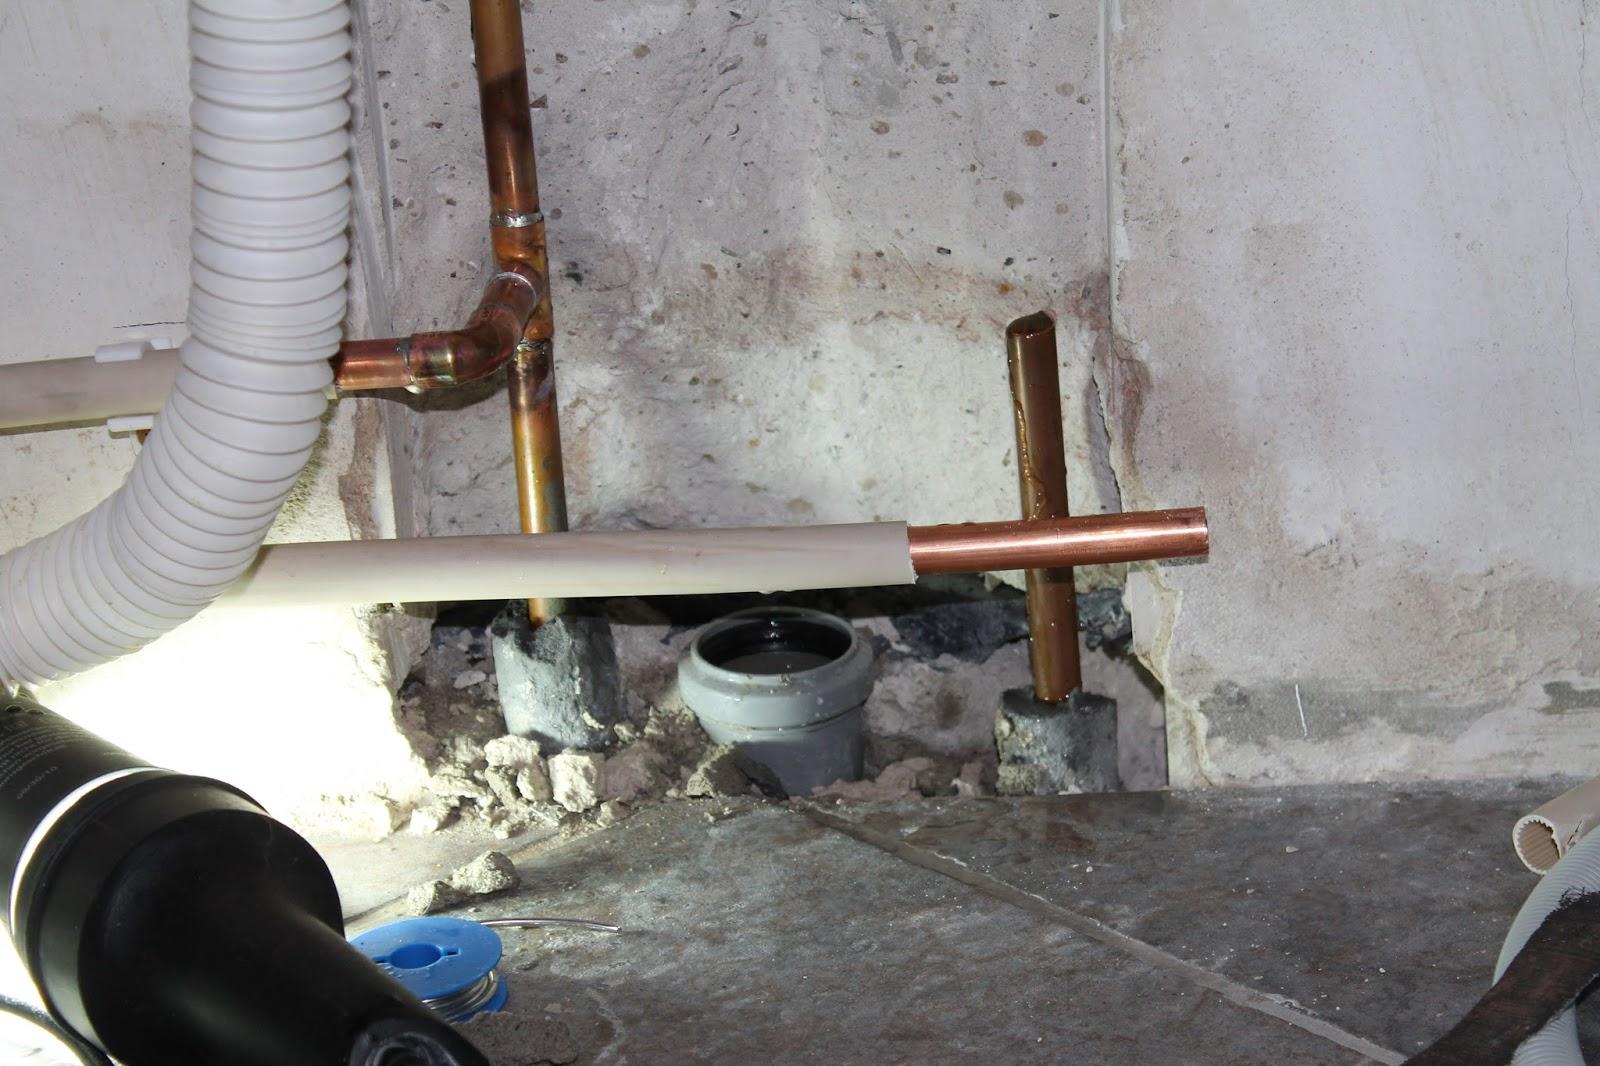 Bau projekte die k che zieht ins alte wohnzimmer for Kaltwasseranschluss kuche